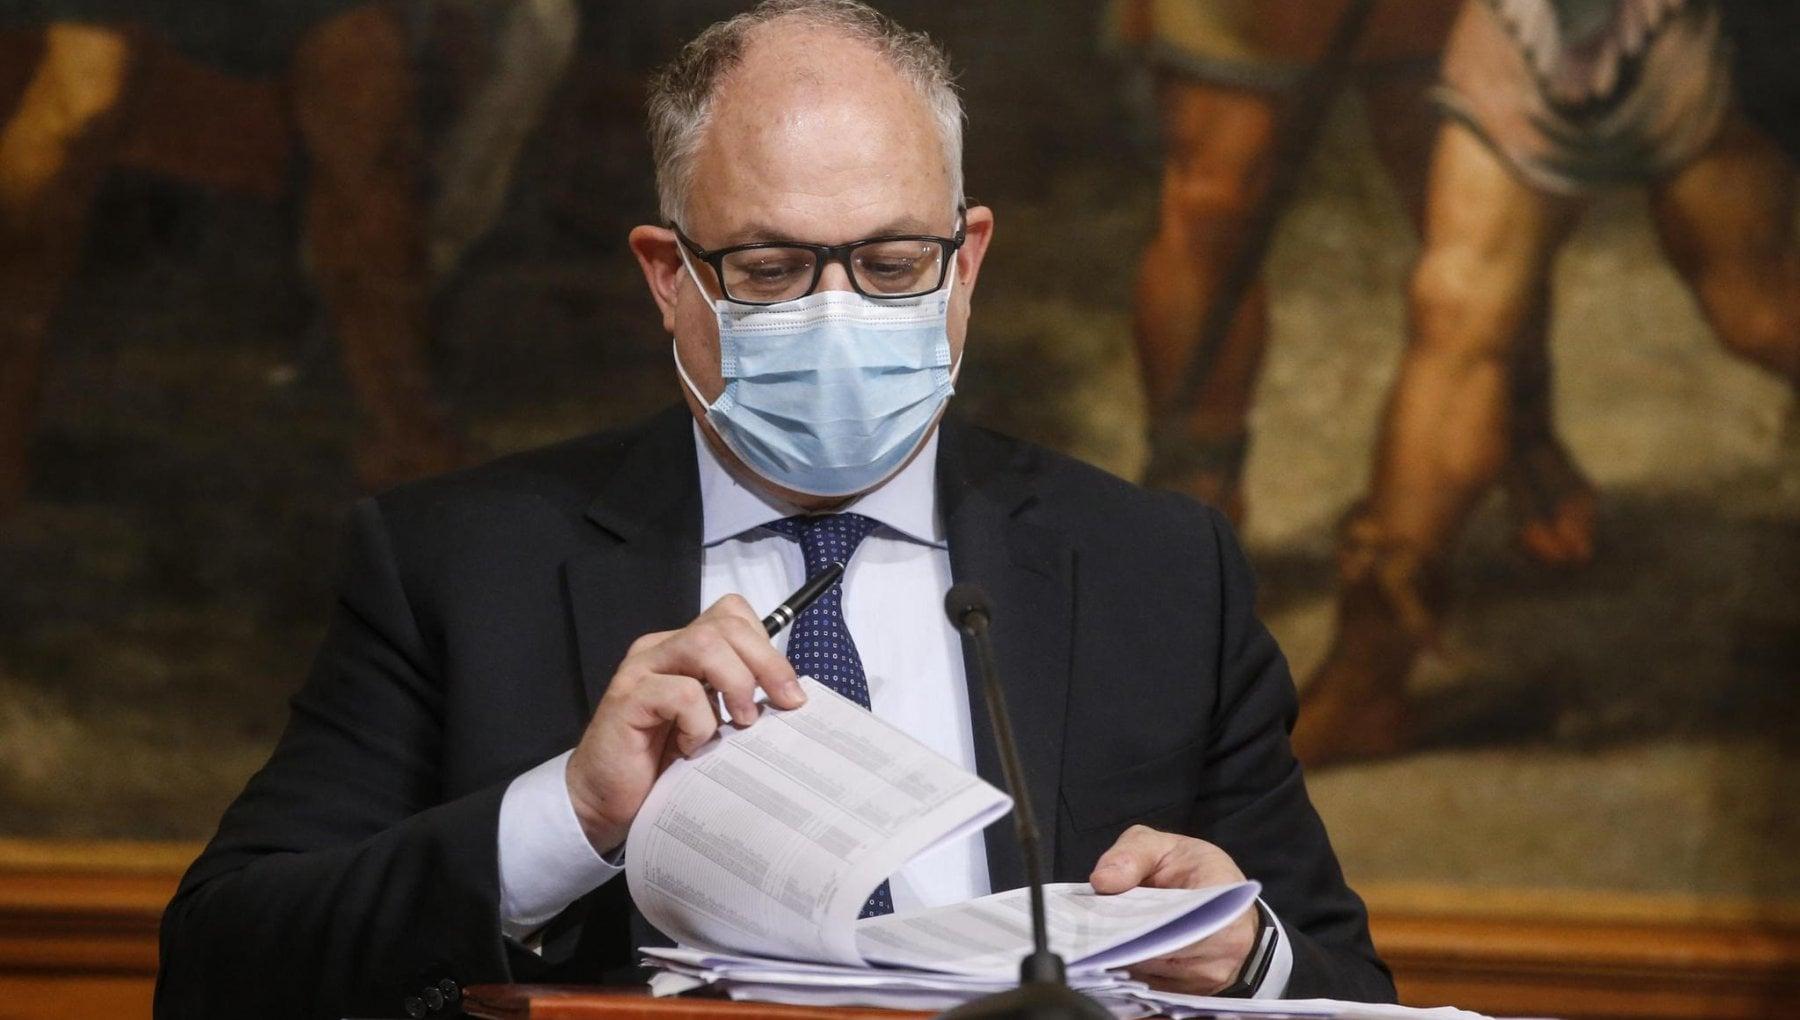 Mes Gualtieri spinge per lok alla riforma Ma la decisione sullutilizzo spetta al Parlamento